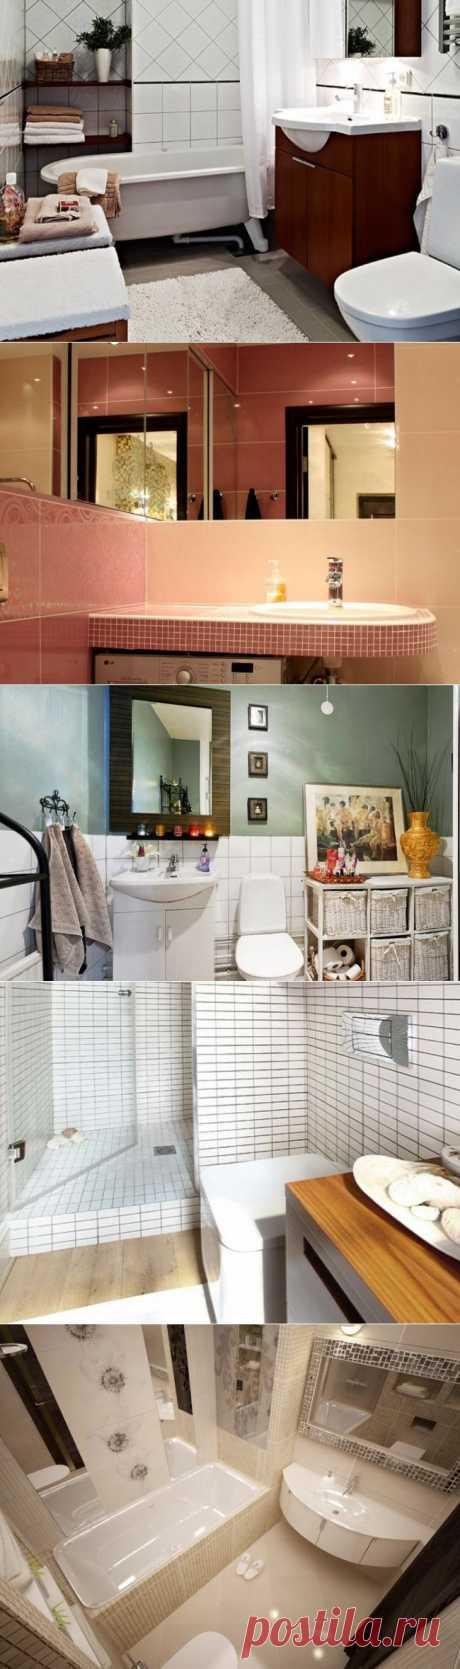 Найти, воплотить, победить: 8 отличных идей для маленькой ванной - Портал «Домашний»